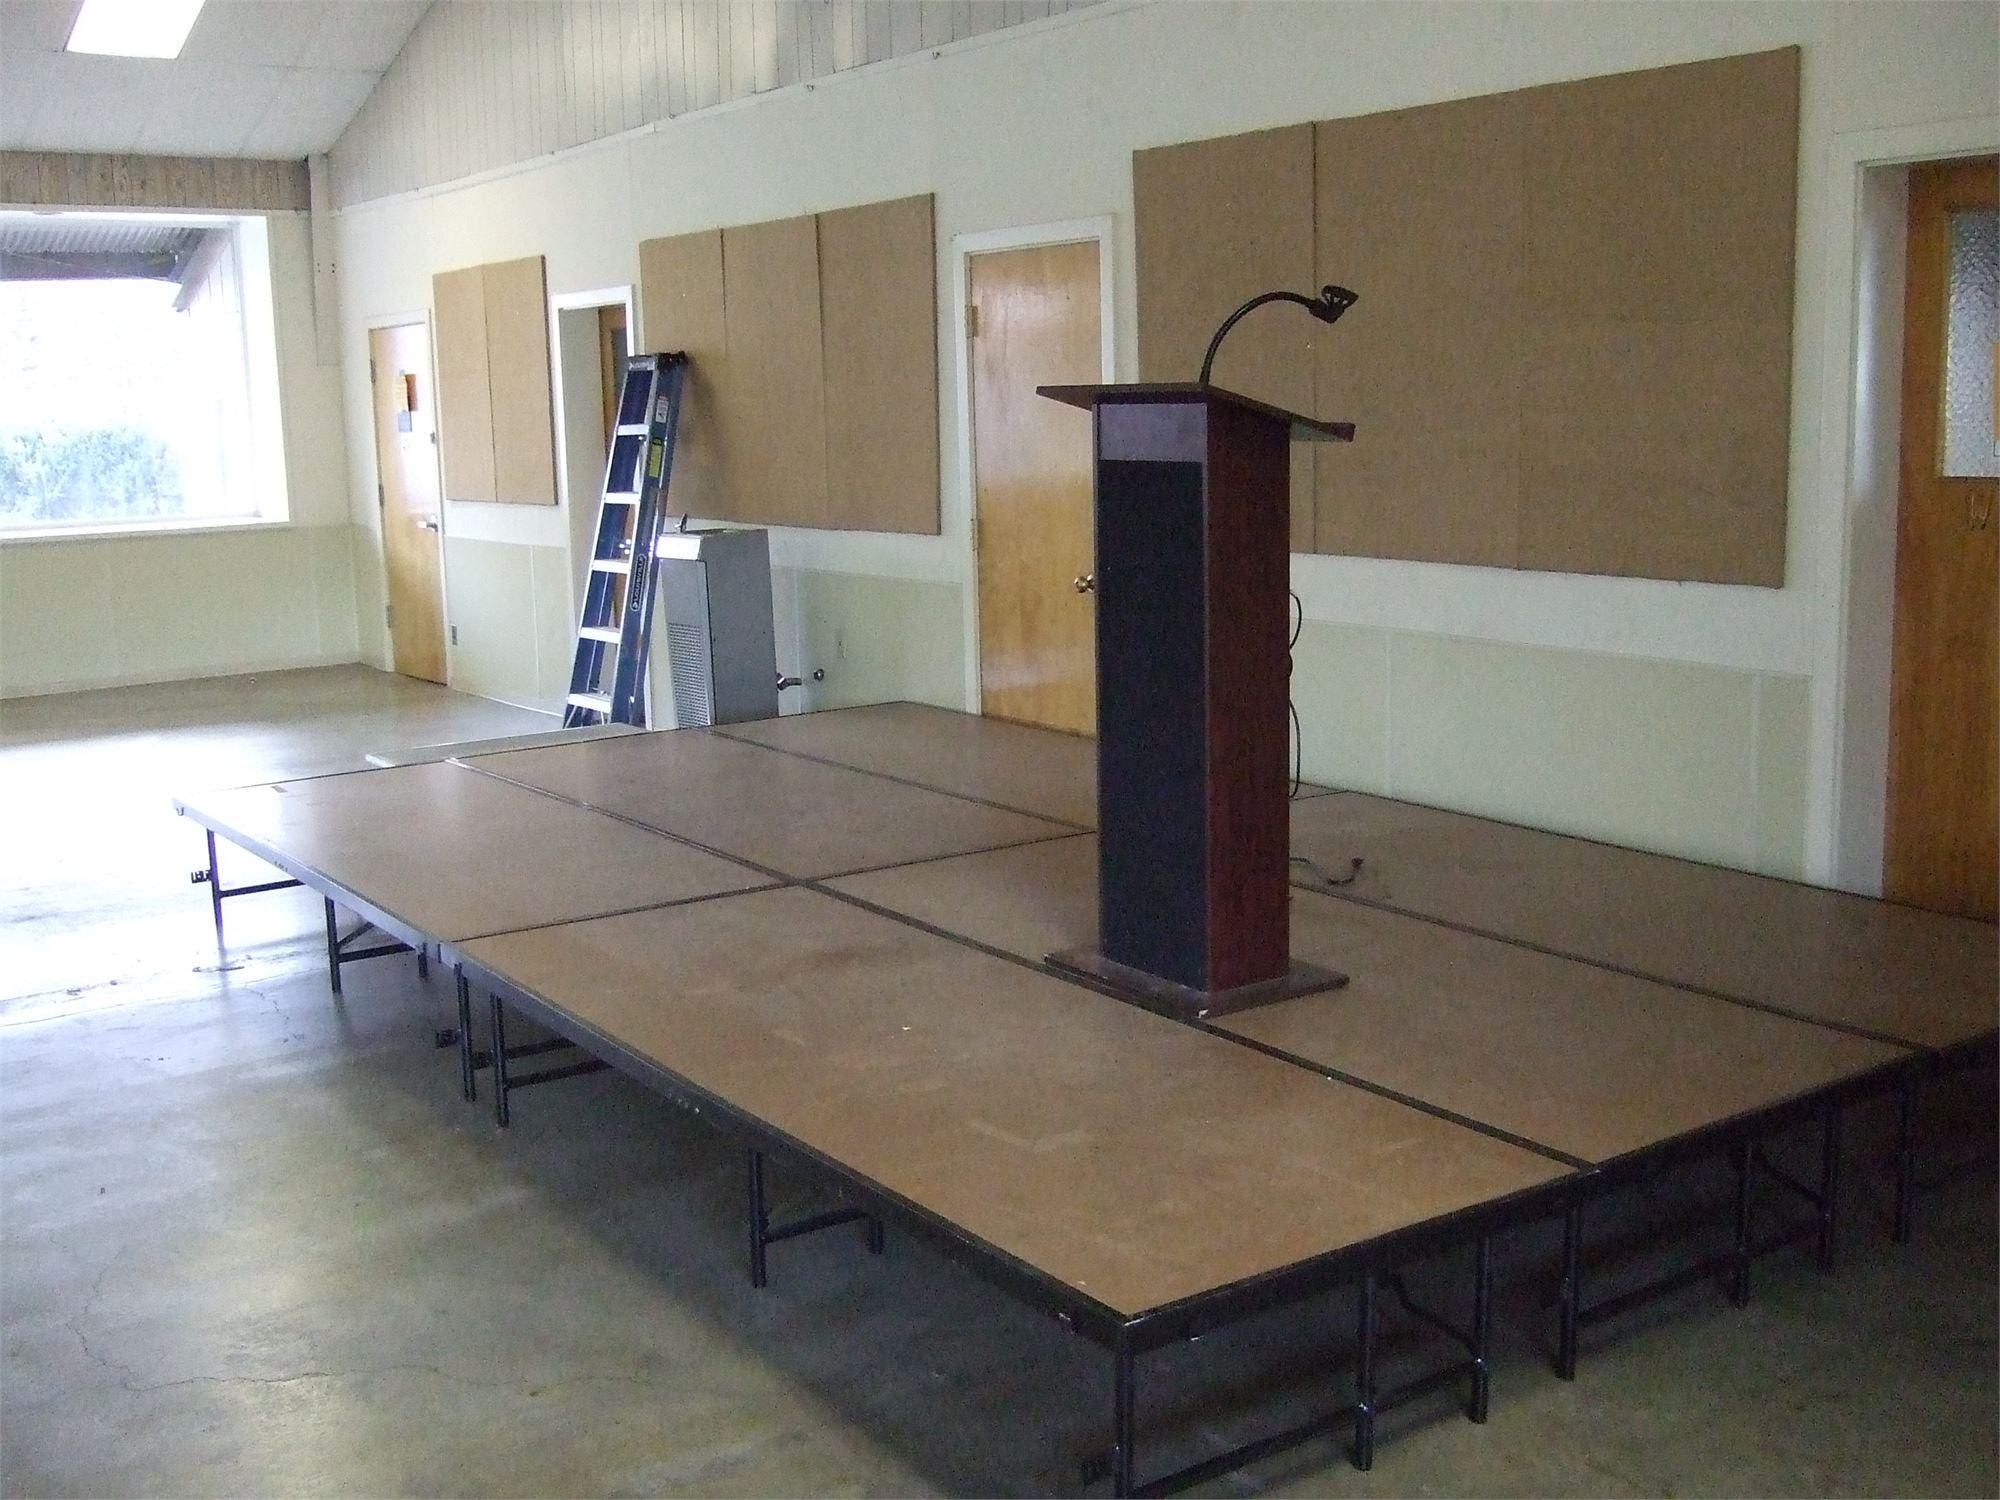 Stage(s) & Podium